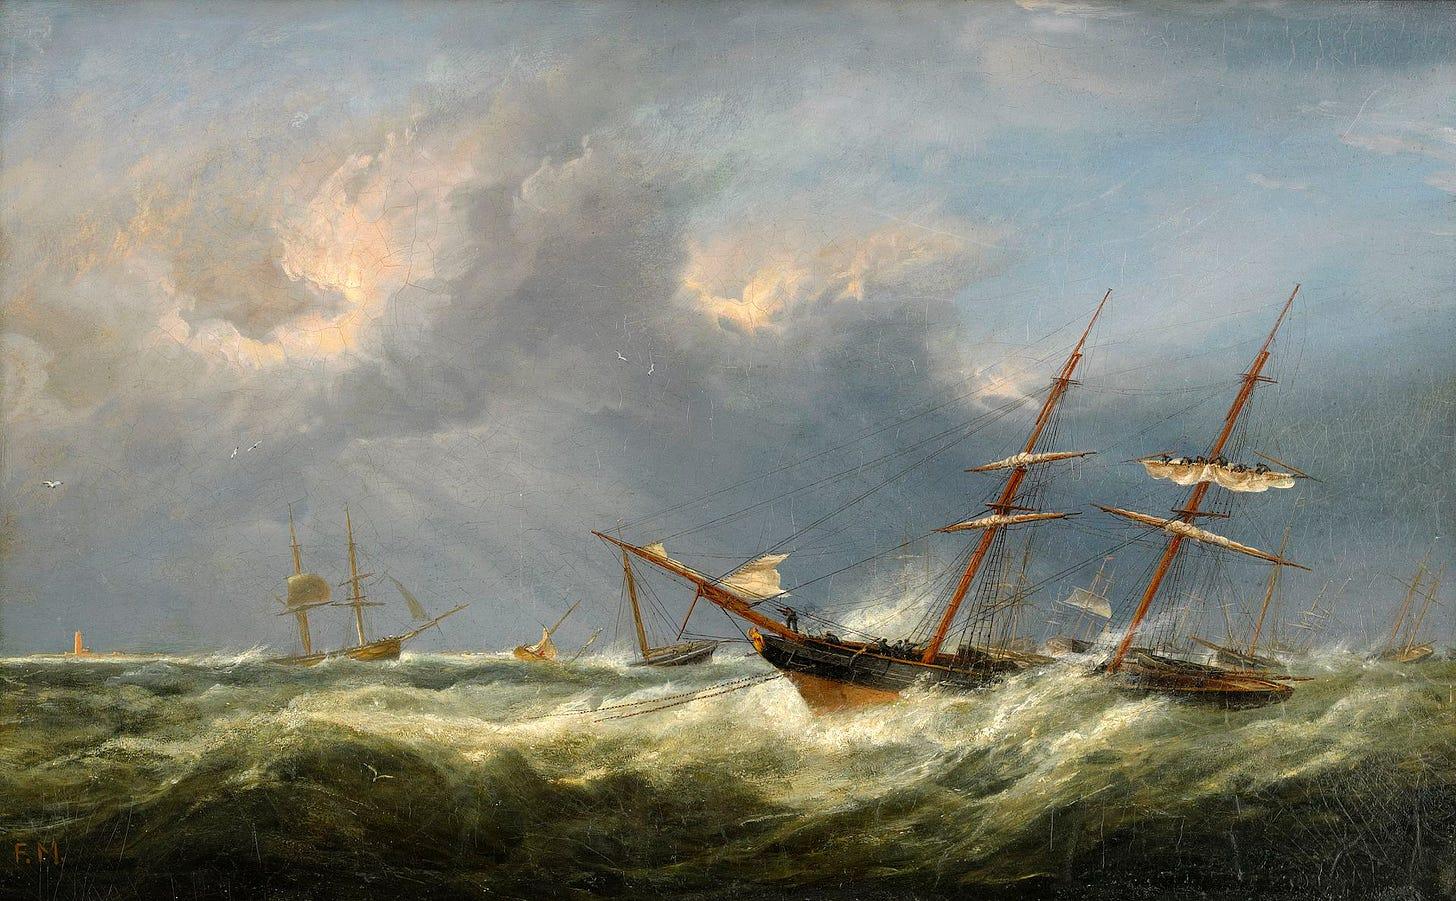 Fritz Sigfried G. Melbye - Skibe på stormfuldt hav.jpg